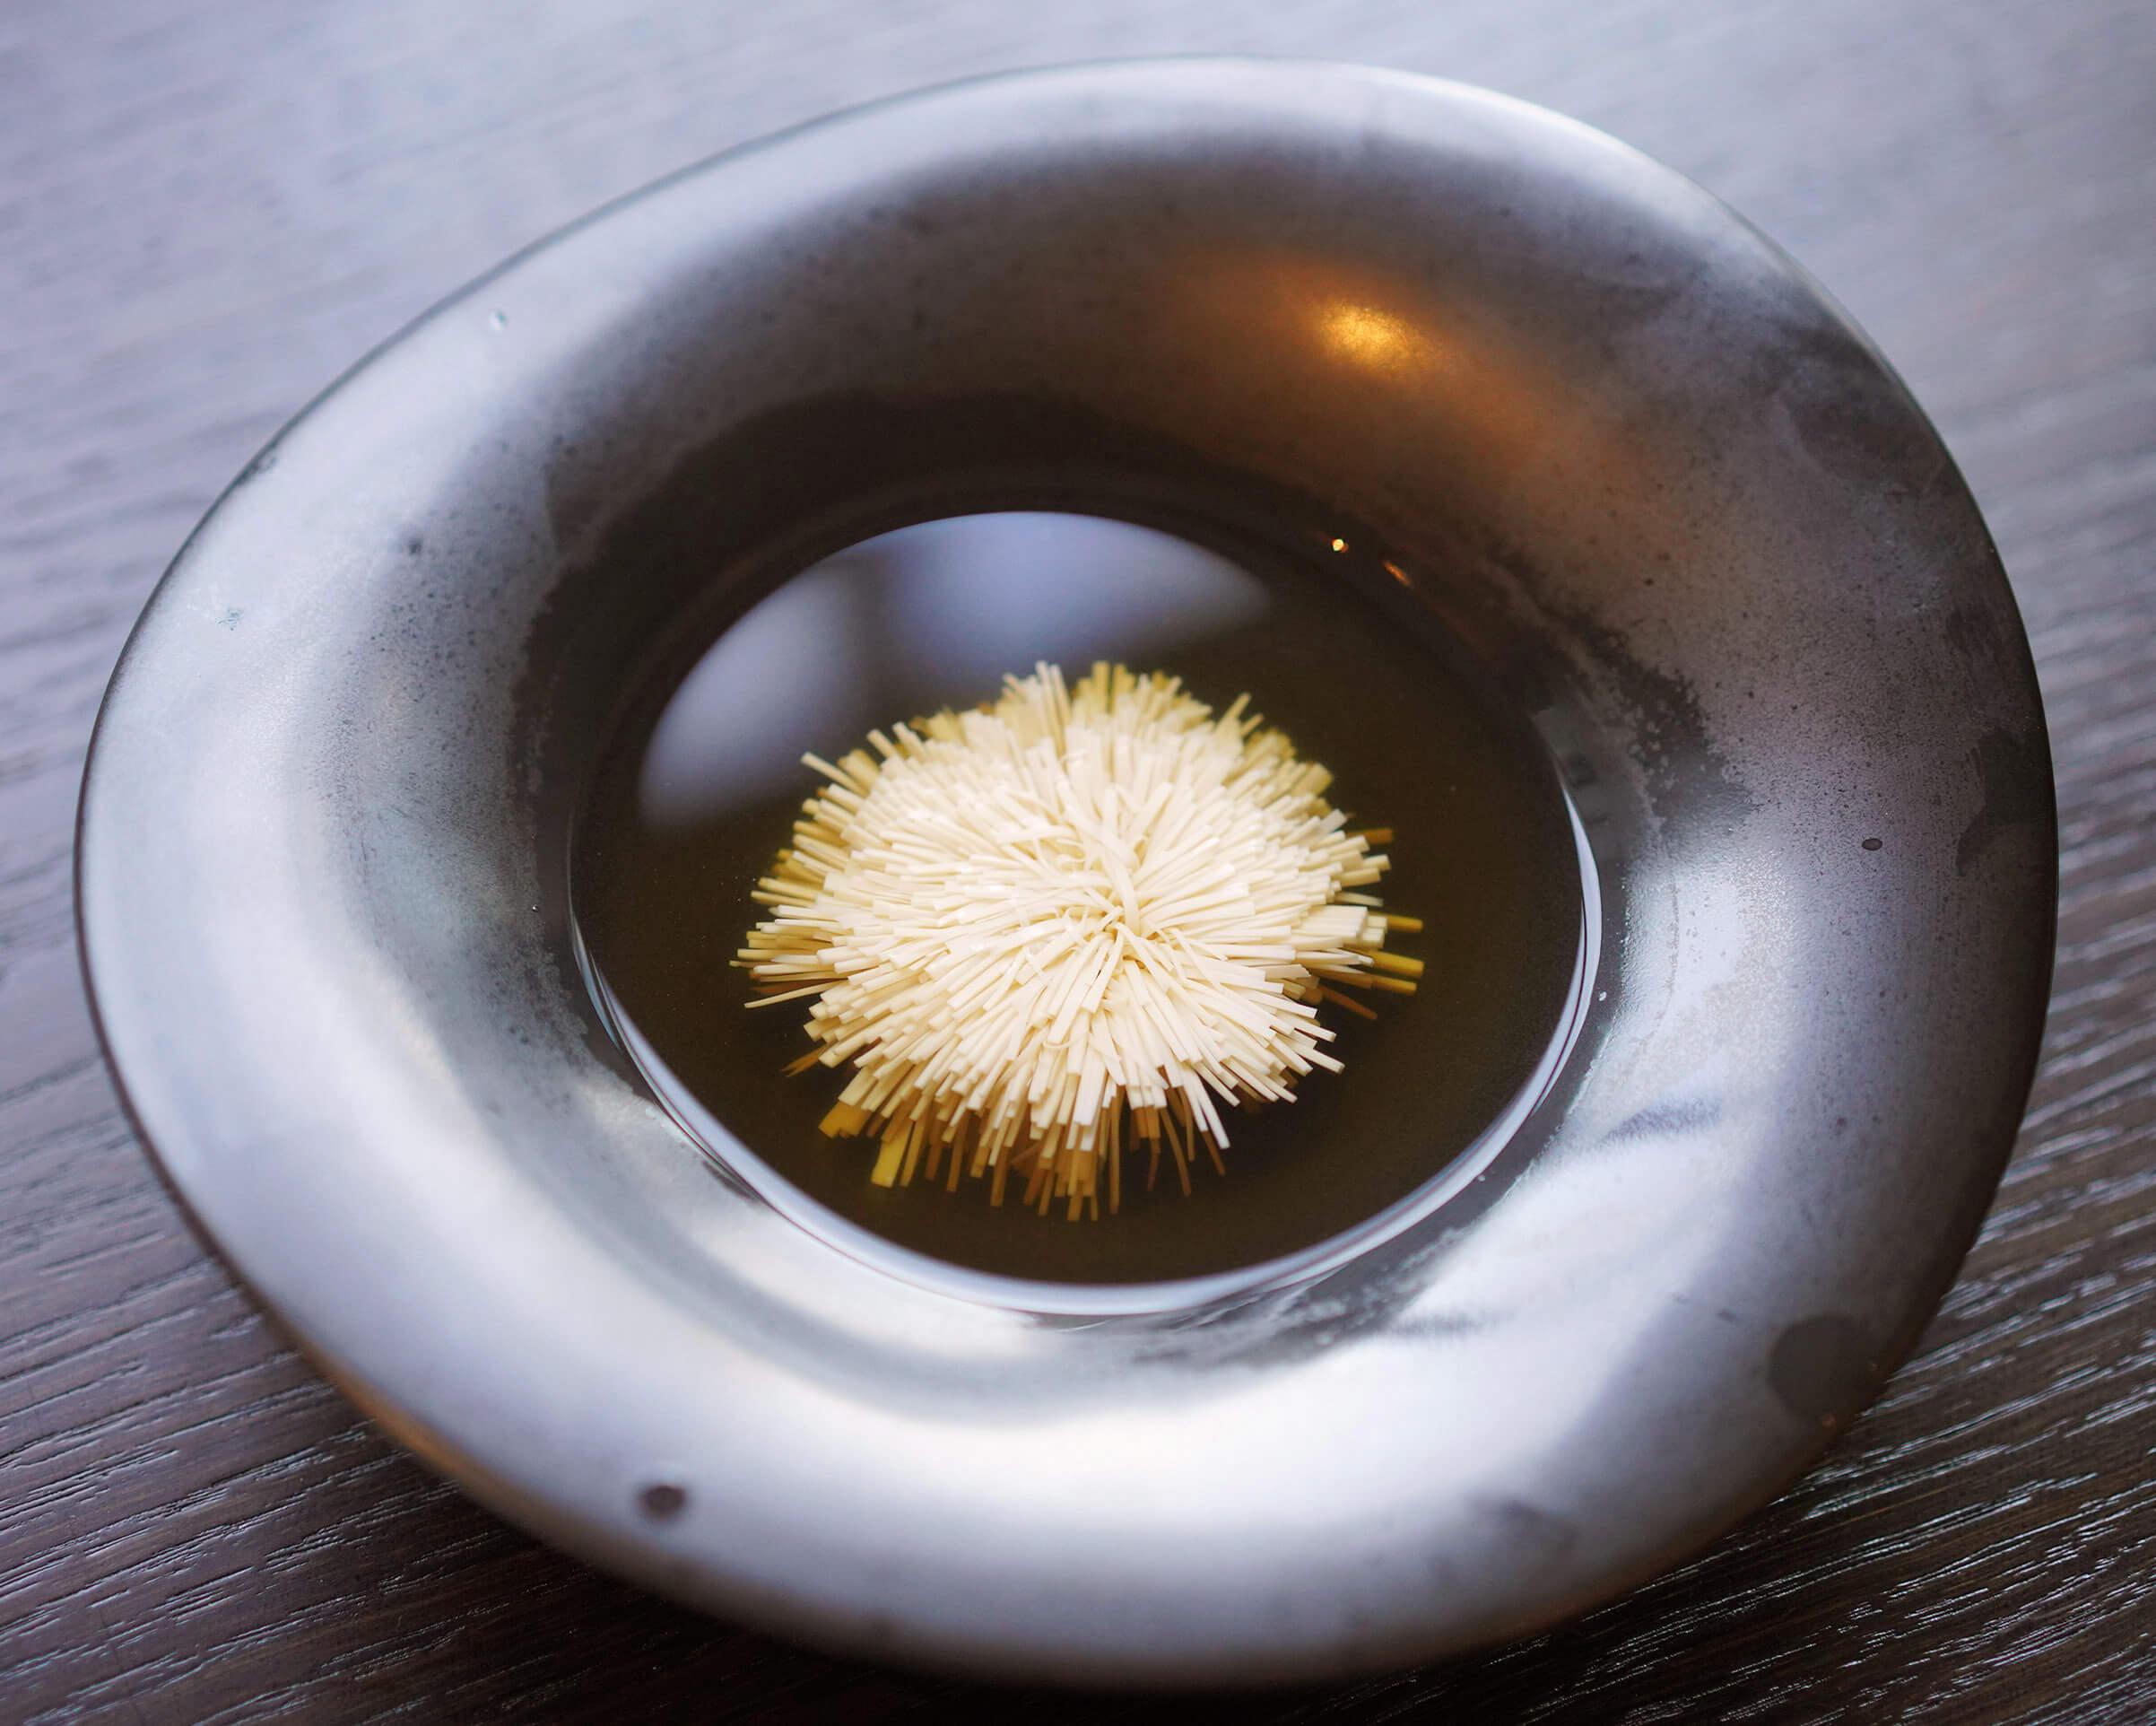 師傅必須快及準,先可以切出在湯中盛放嘅豆腐花。